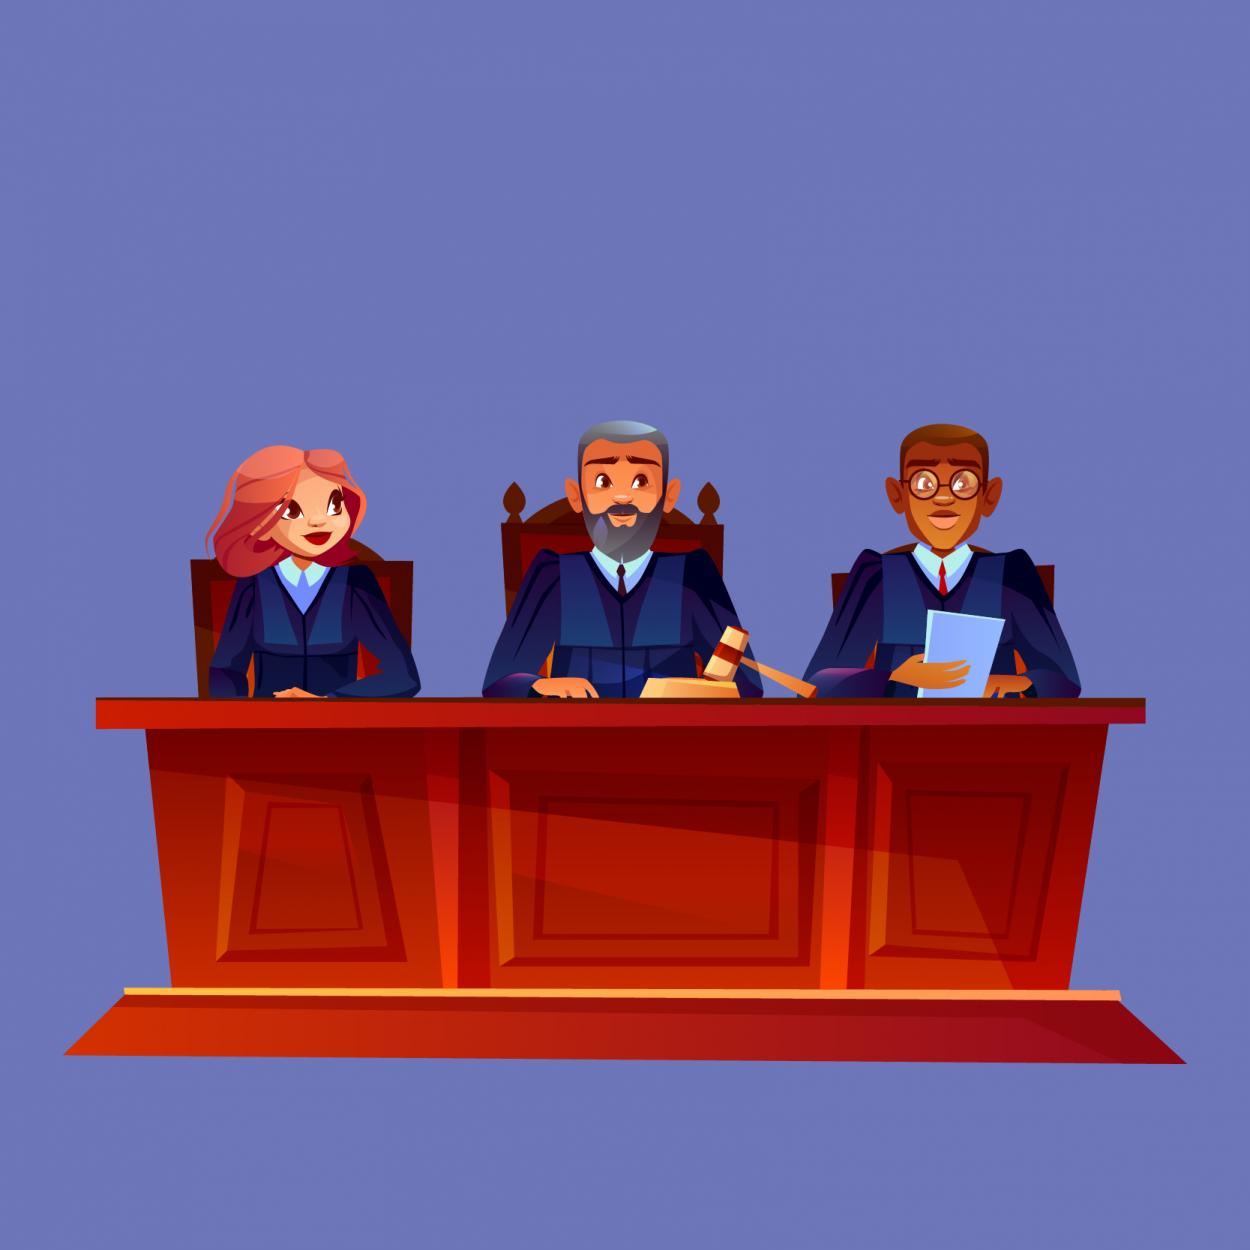 Анекдот осудебном заседании поустановлению отцовства